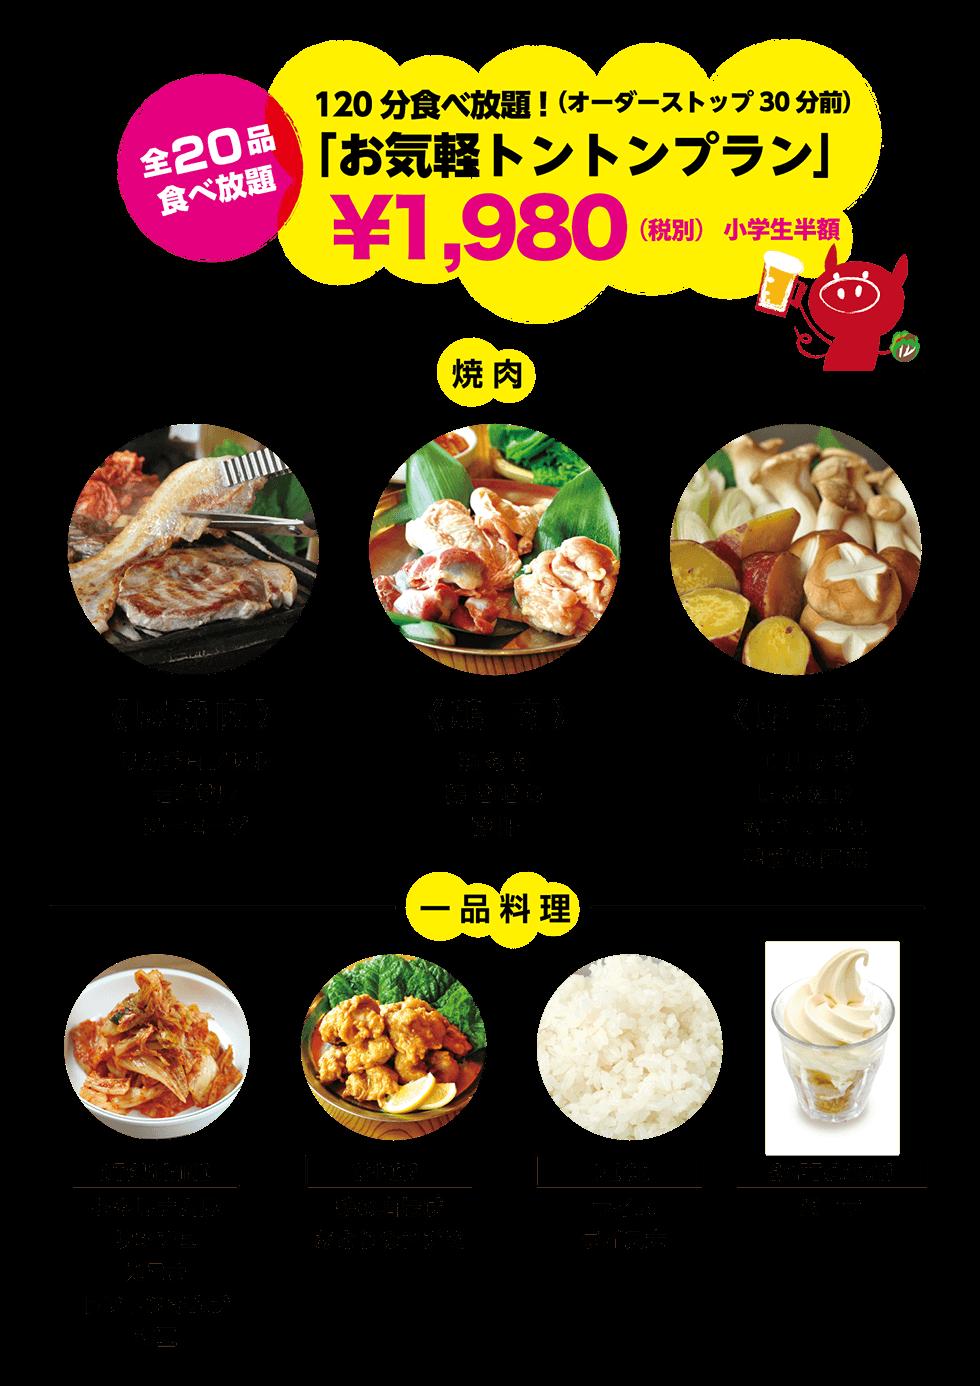 平日限定 食べ放題祭り3